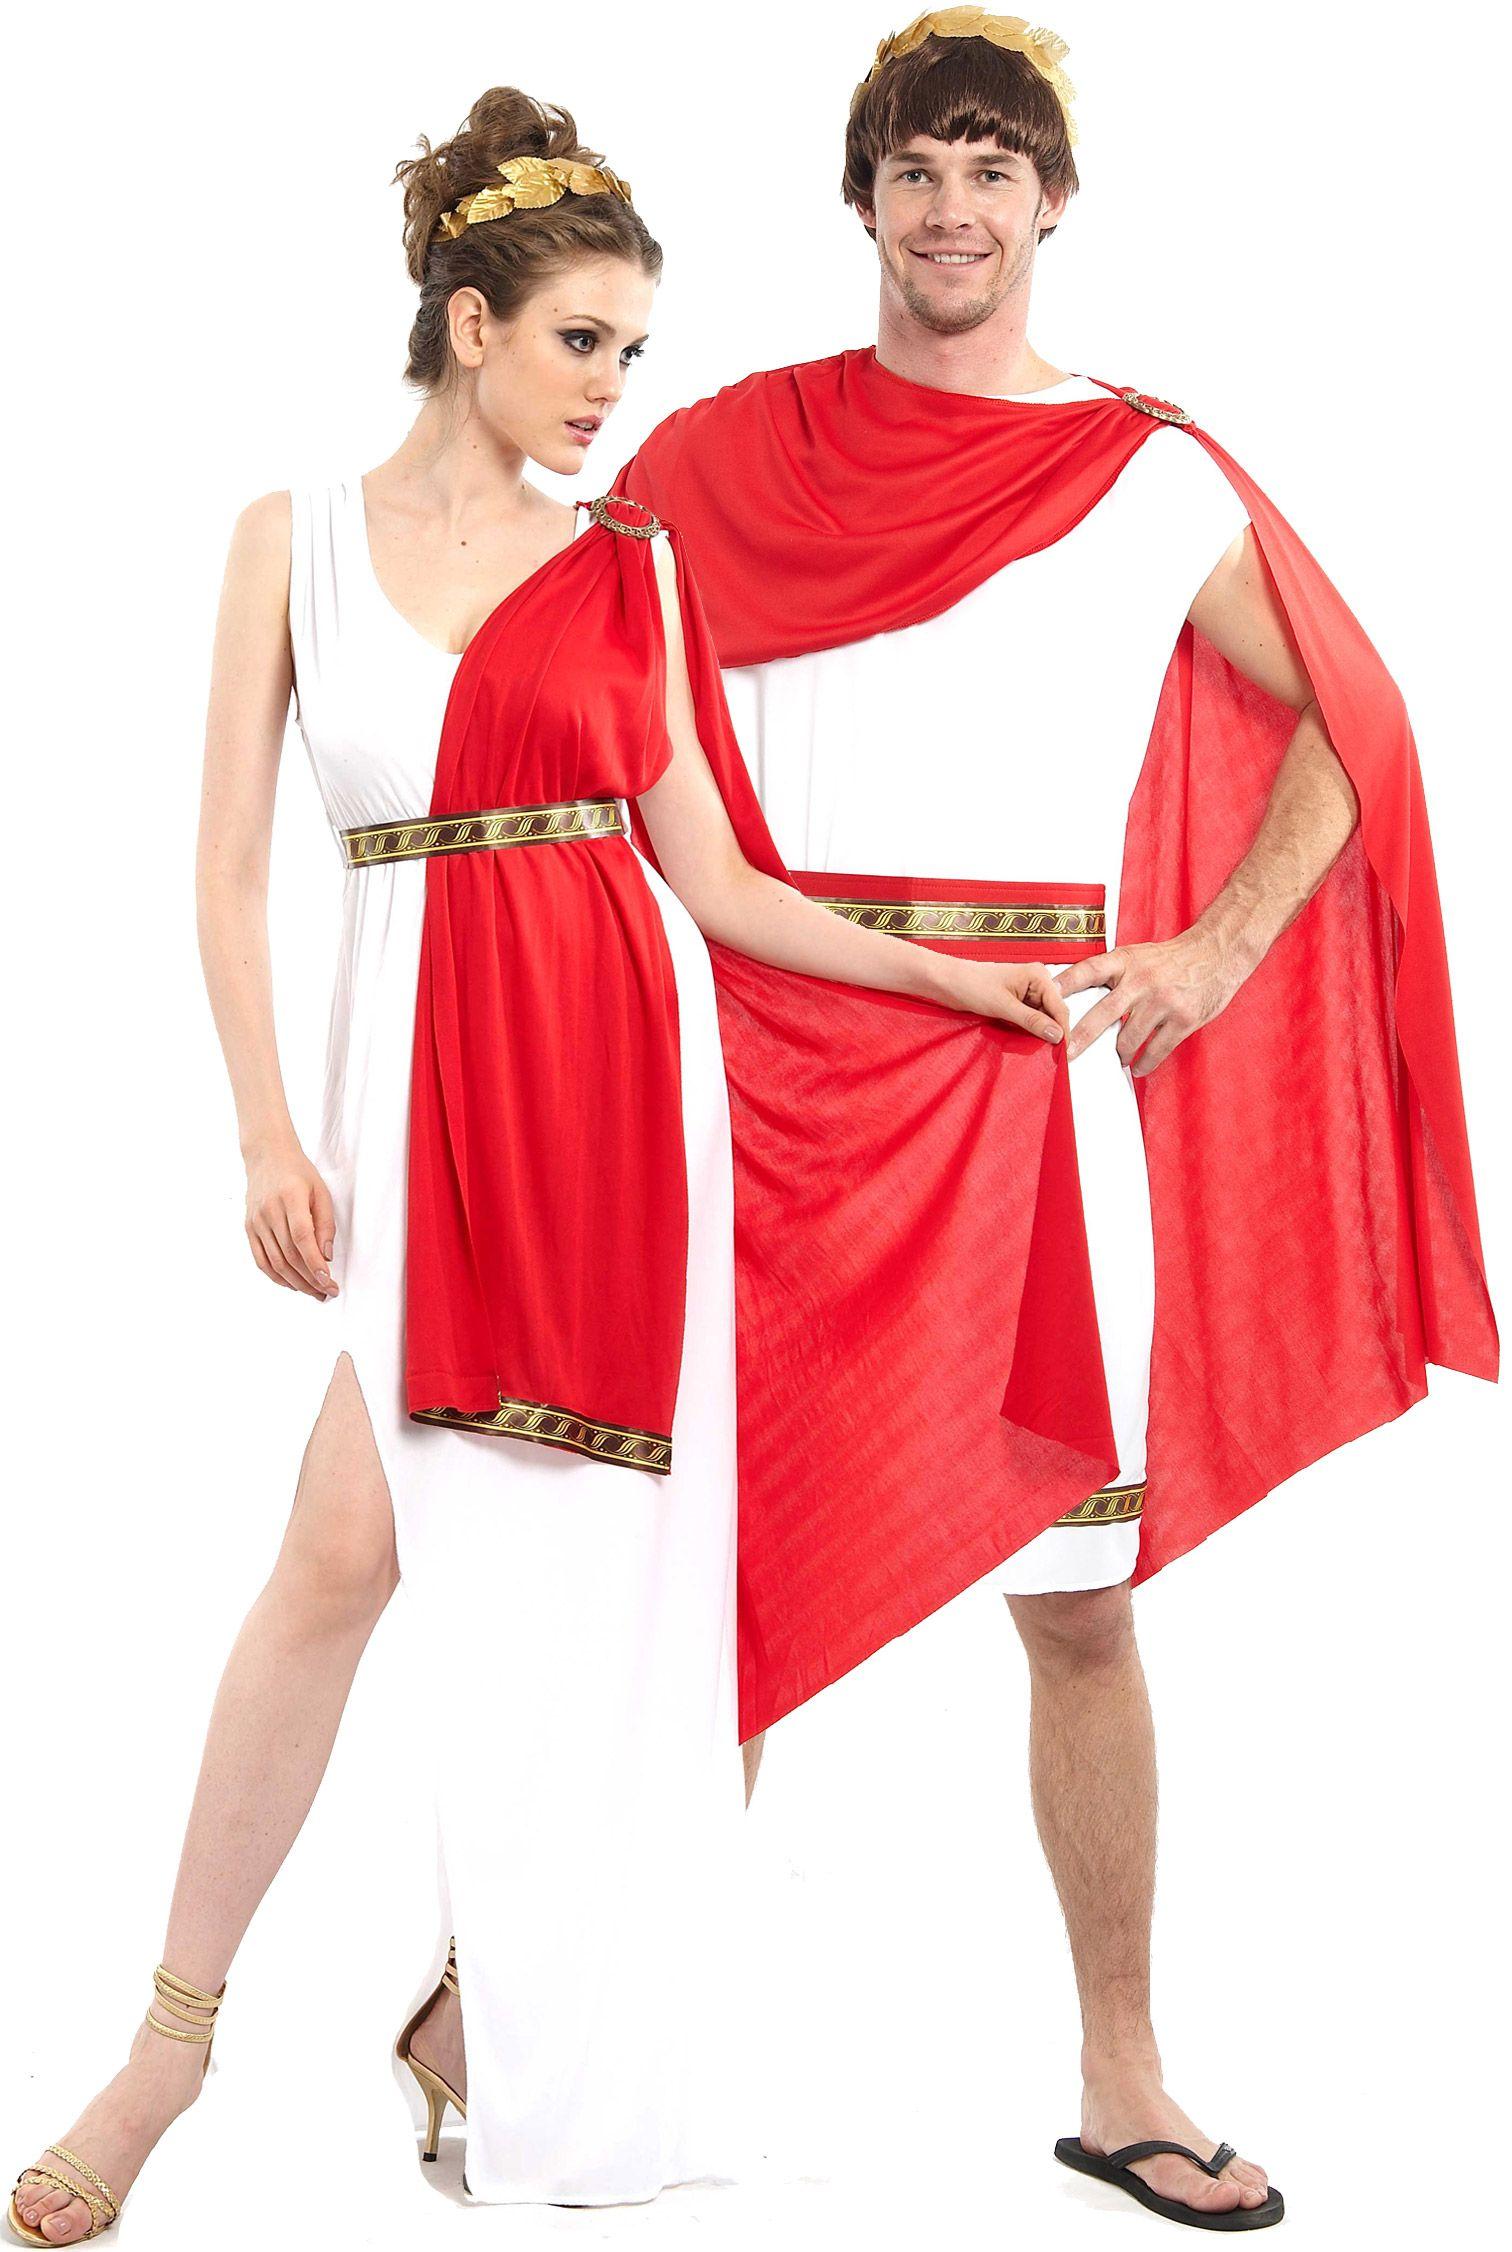 Costume di coppia da antichi romani  per chi come voi ha voglia di  divertirsi ma 31a4ca1604d